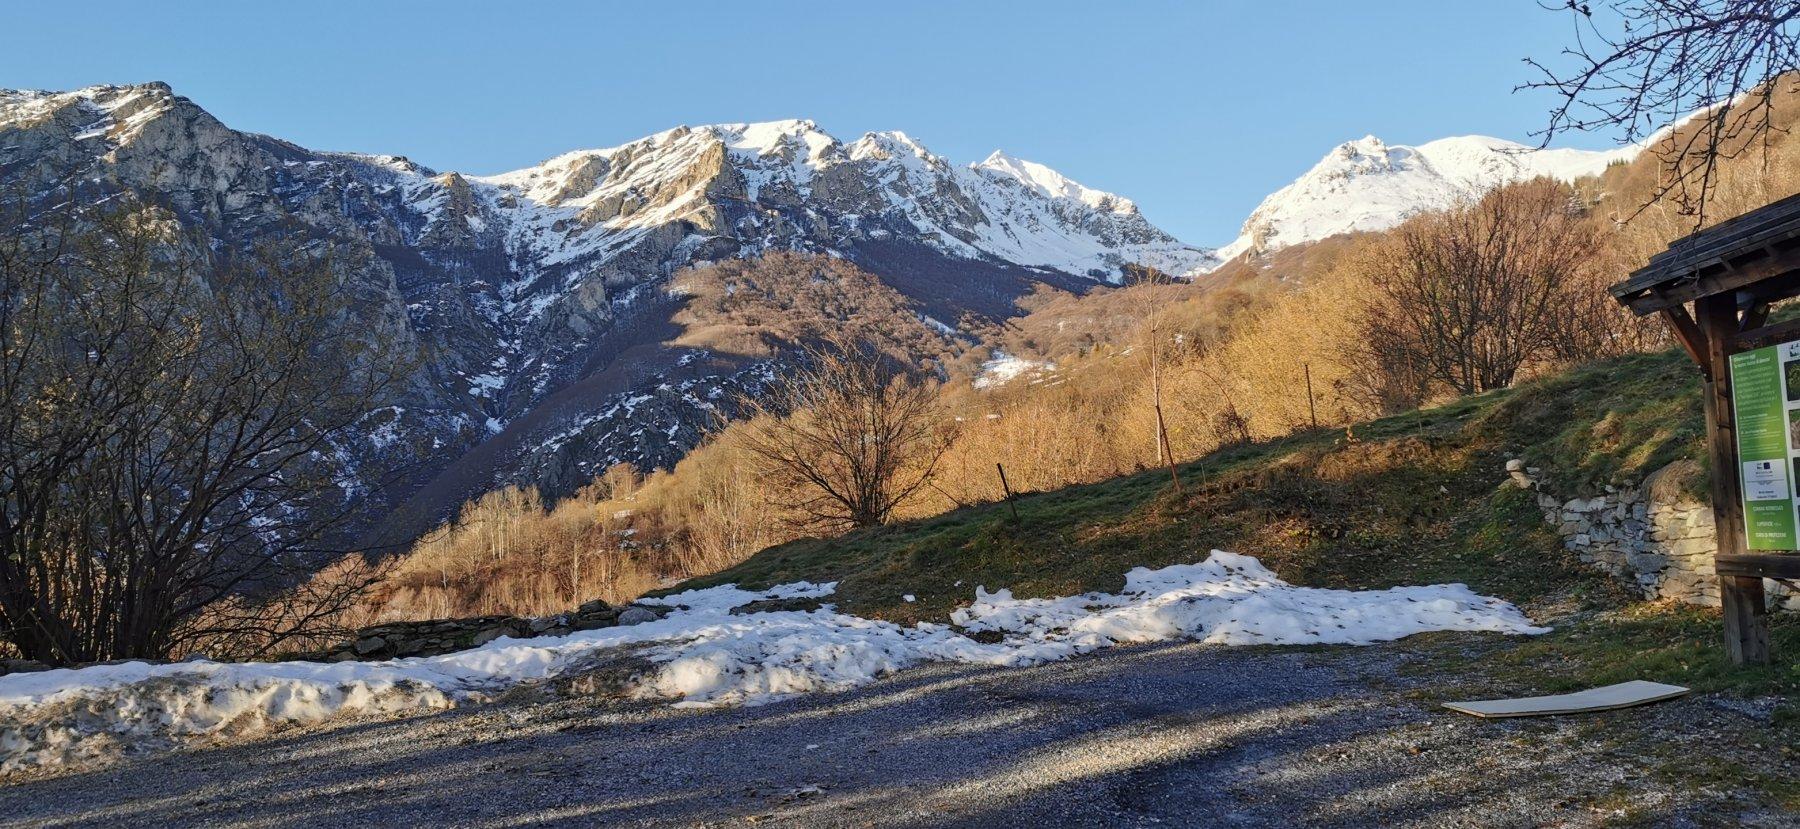 visuale dal parcheggio di Valdinferno verso il vallone di salita e il Monte Antoroto